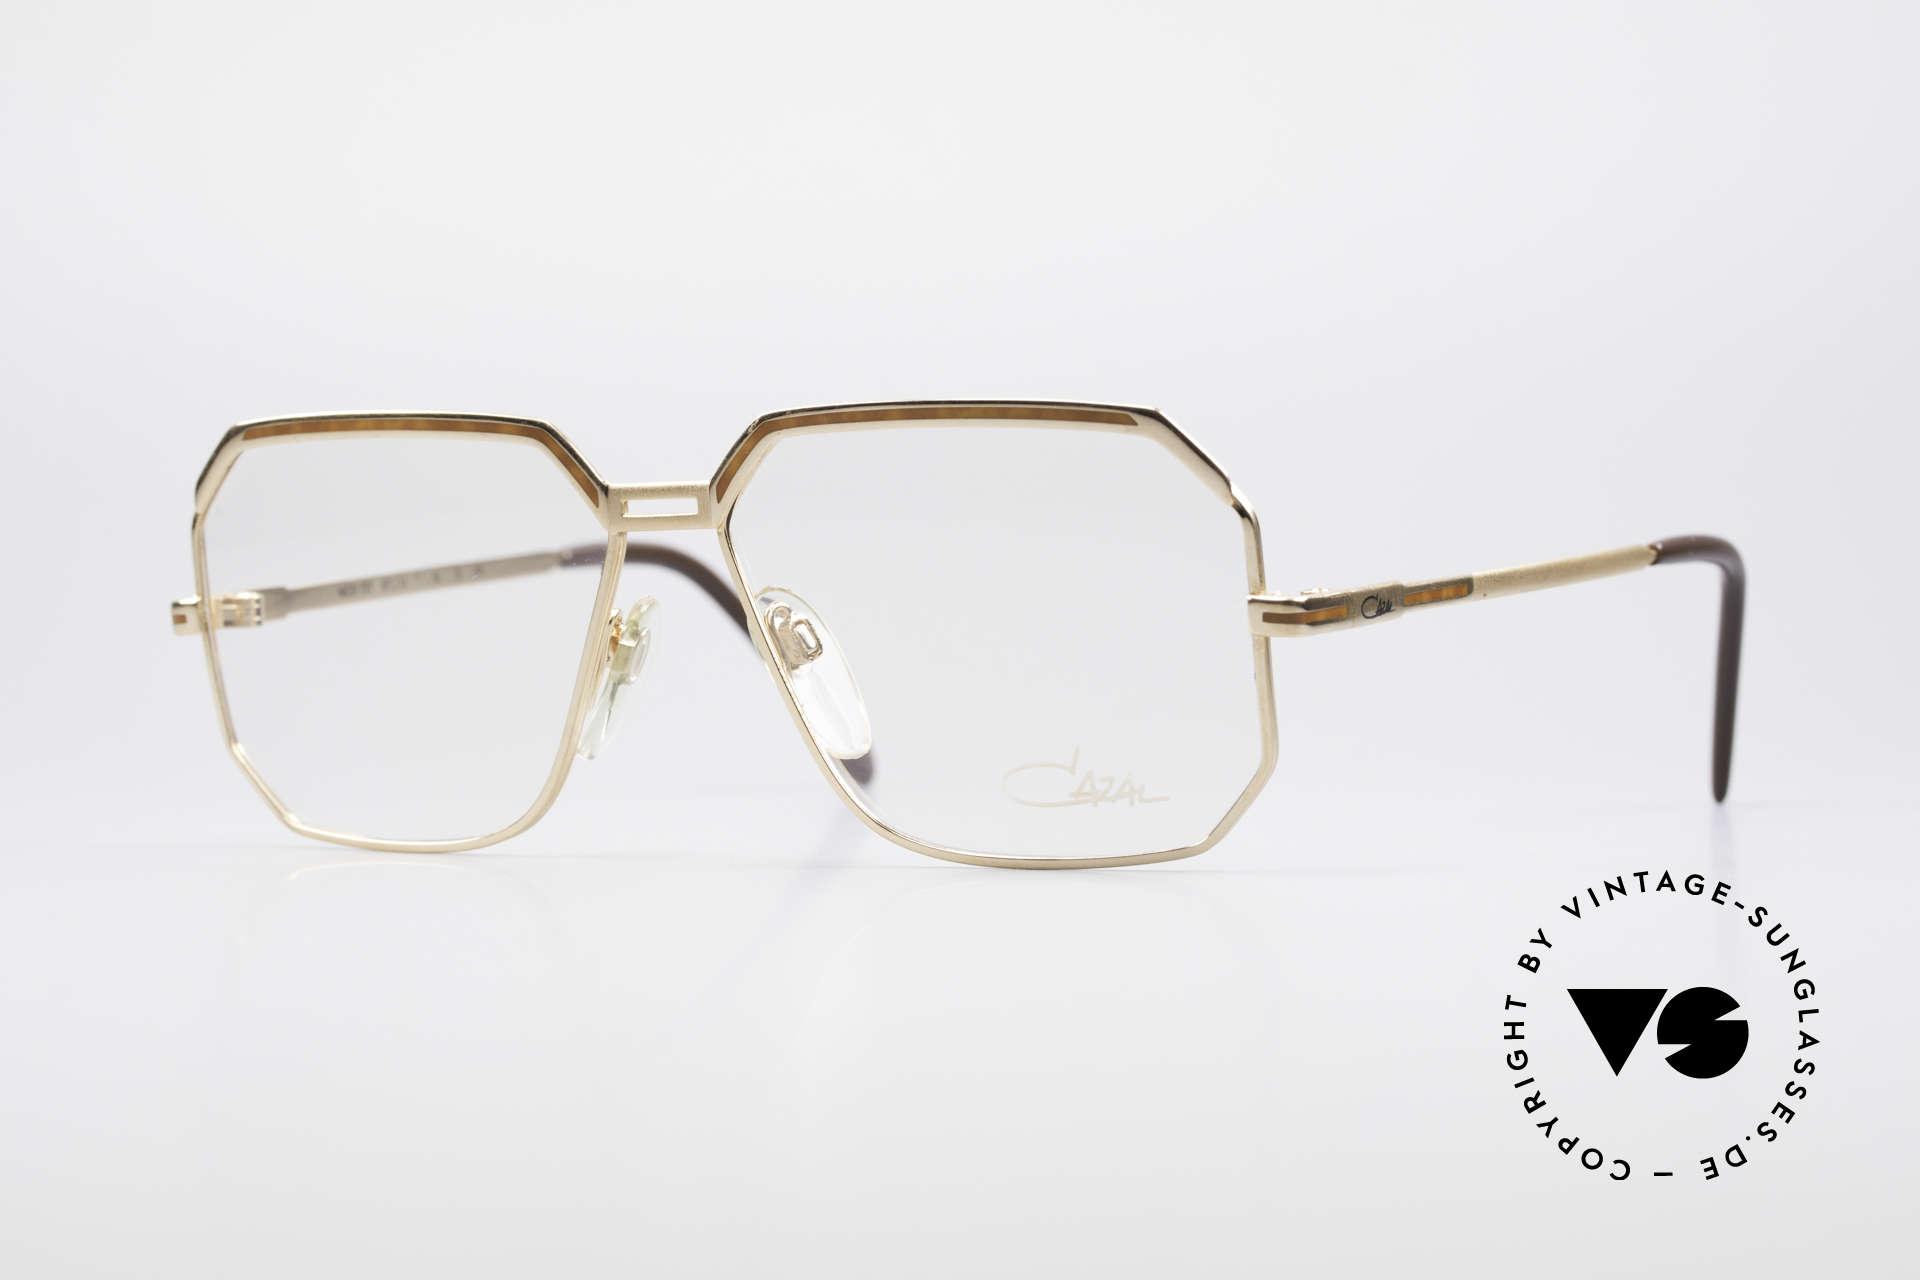 Cazal 727 Michail Gorbatschow Glasses, old classic CAZAL designer frame for men, Made for Men